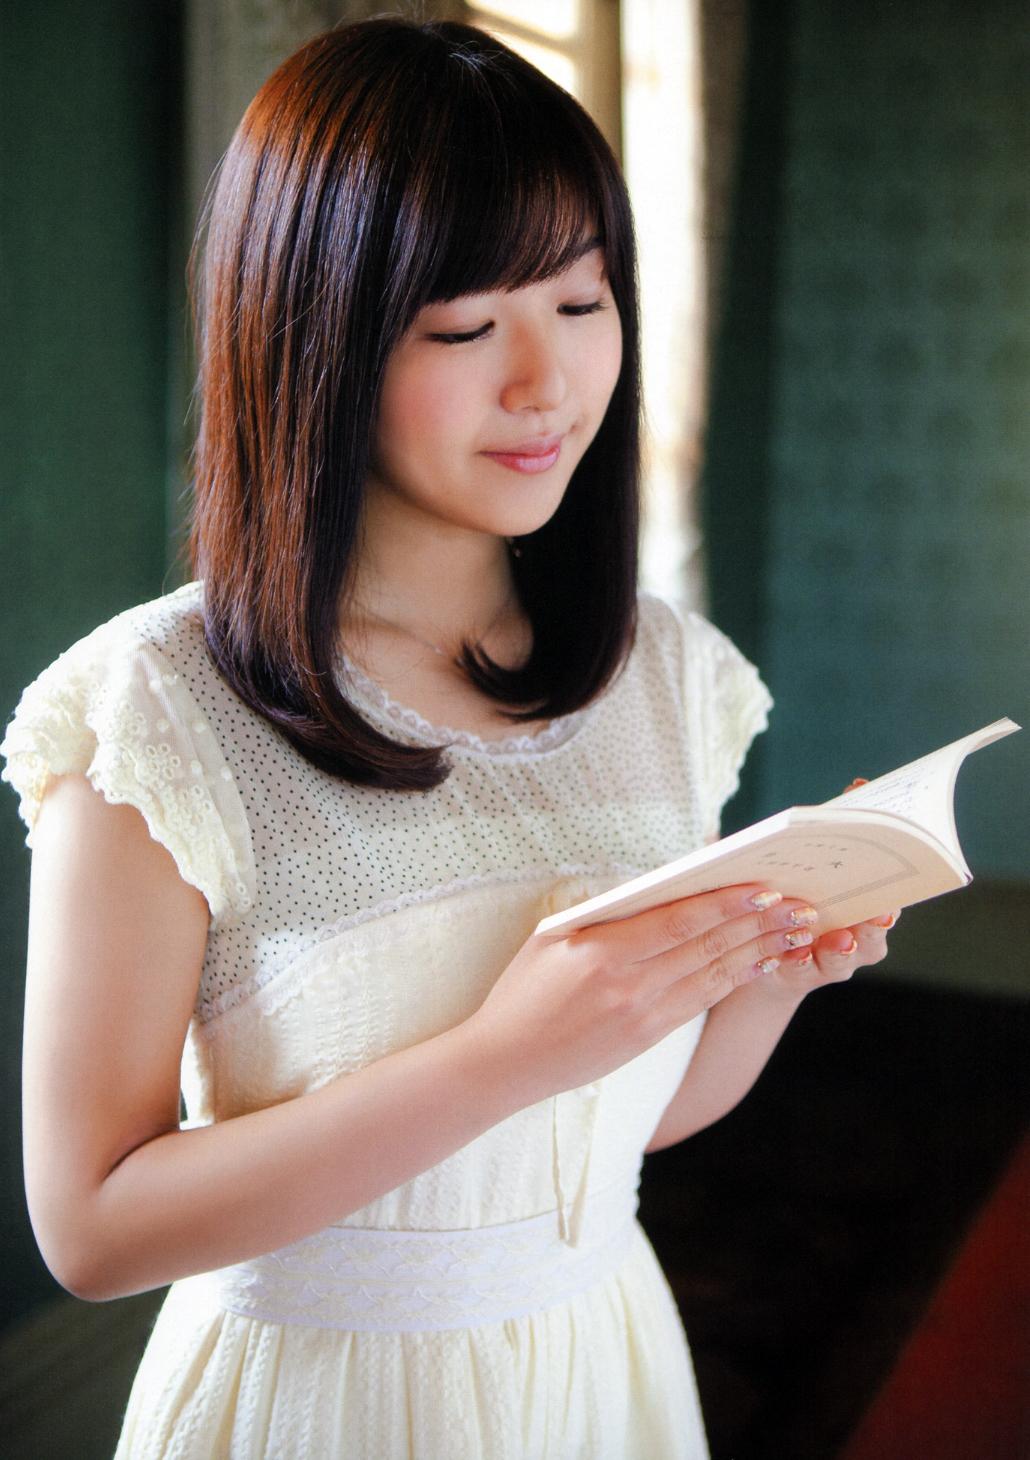 茅野愛衣は松岡禎丞と結婚する?性格は良いの?彼氏や恋愛の画像まとめのサムネイル画像